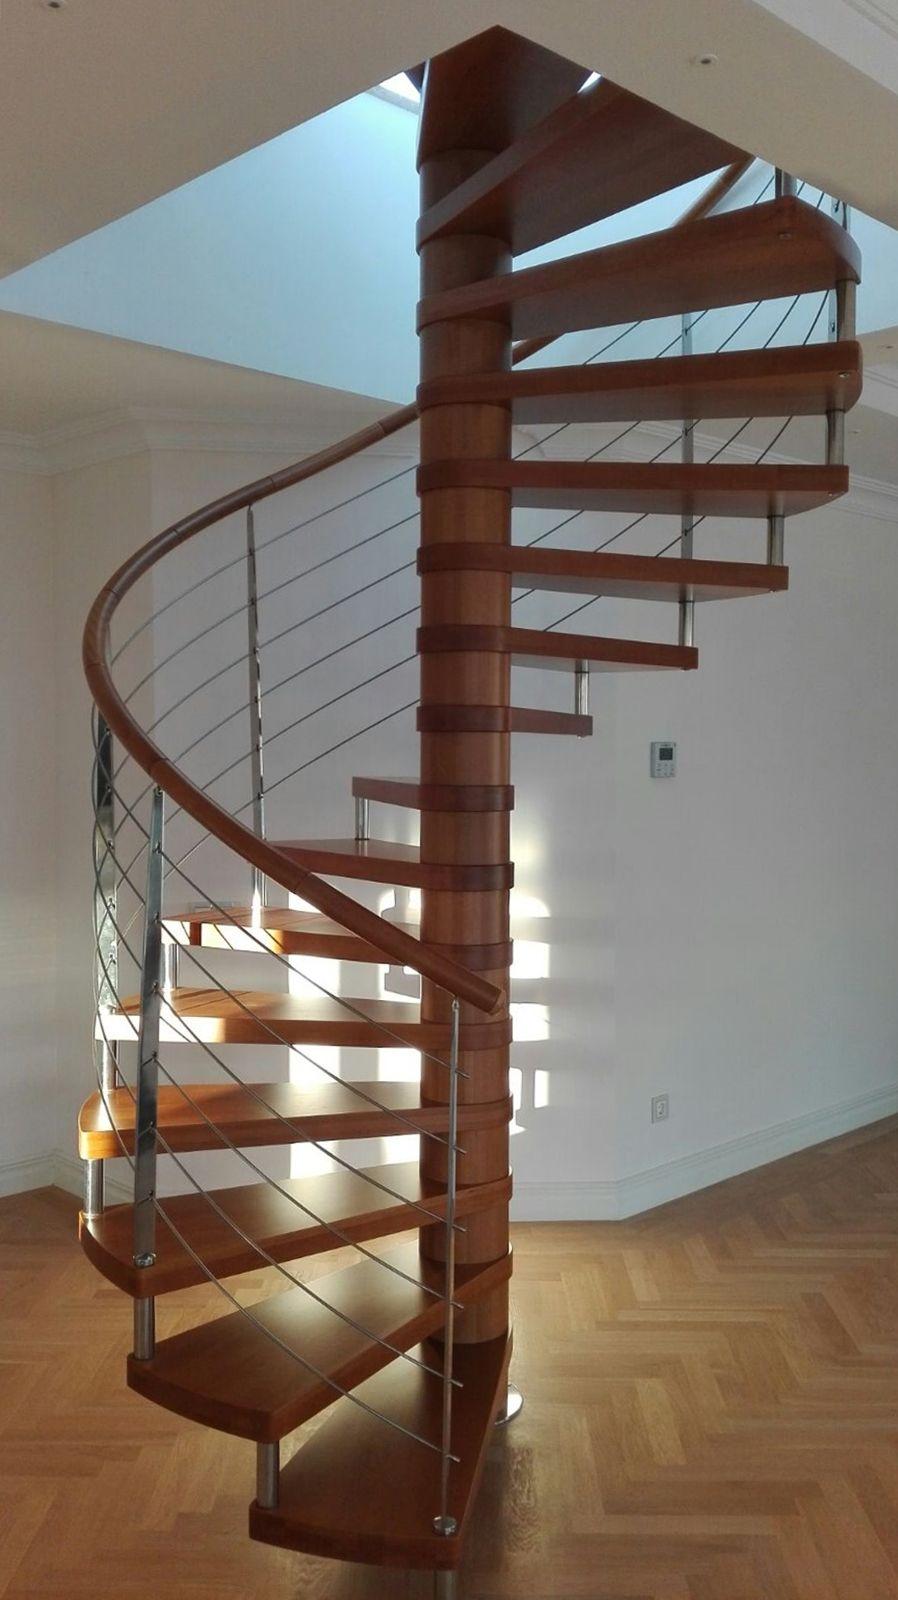 Escaleras de caracol de madera en kit modelo kubo en 2019 - Diseno de interiores malaga ...